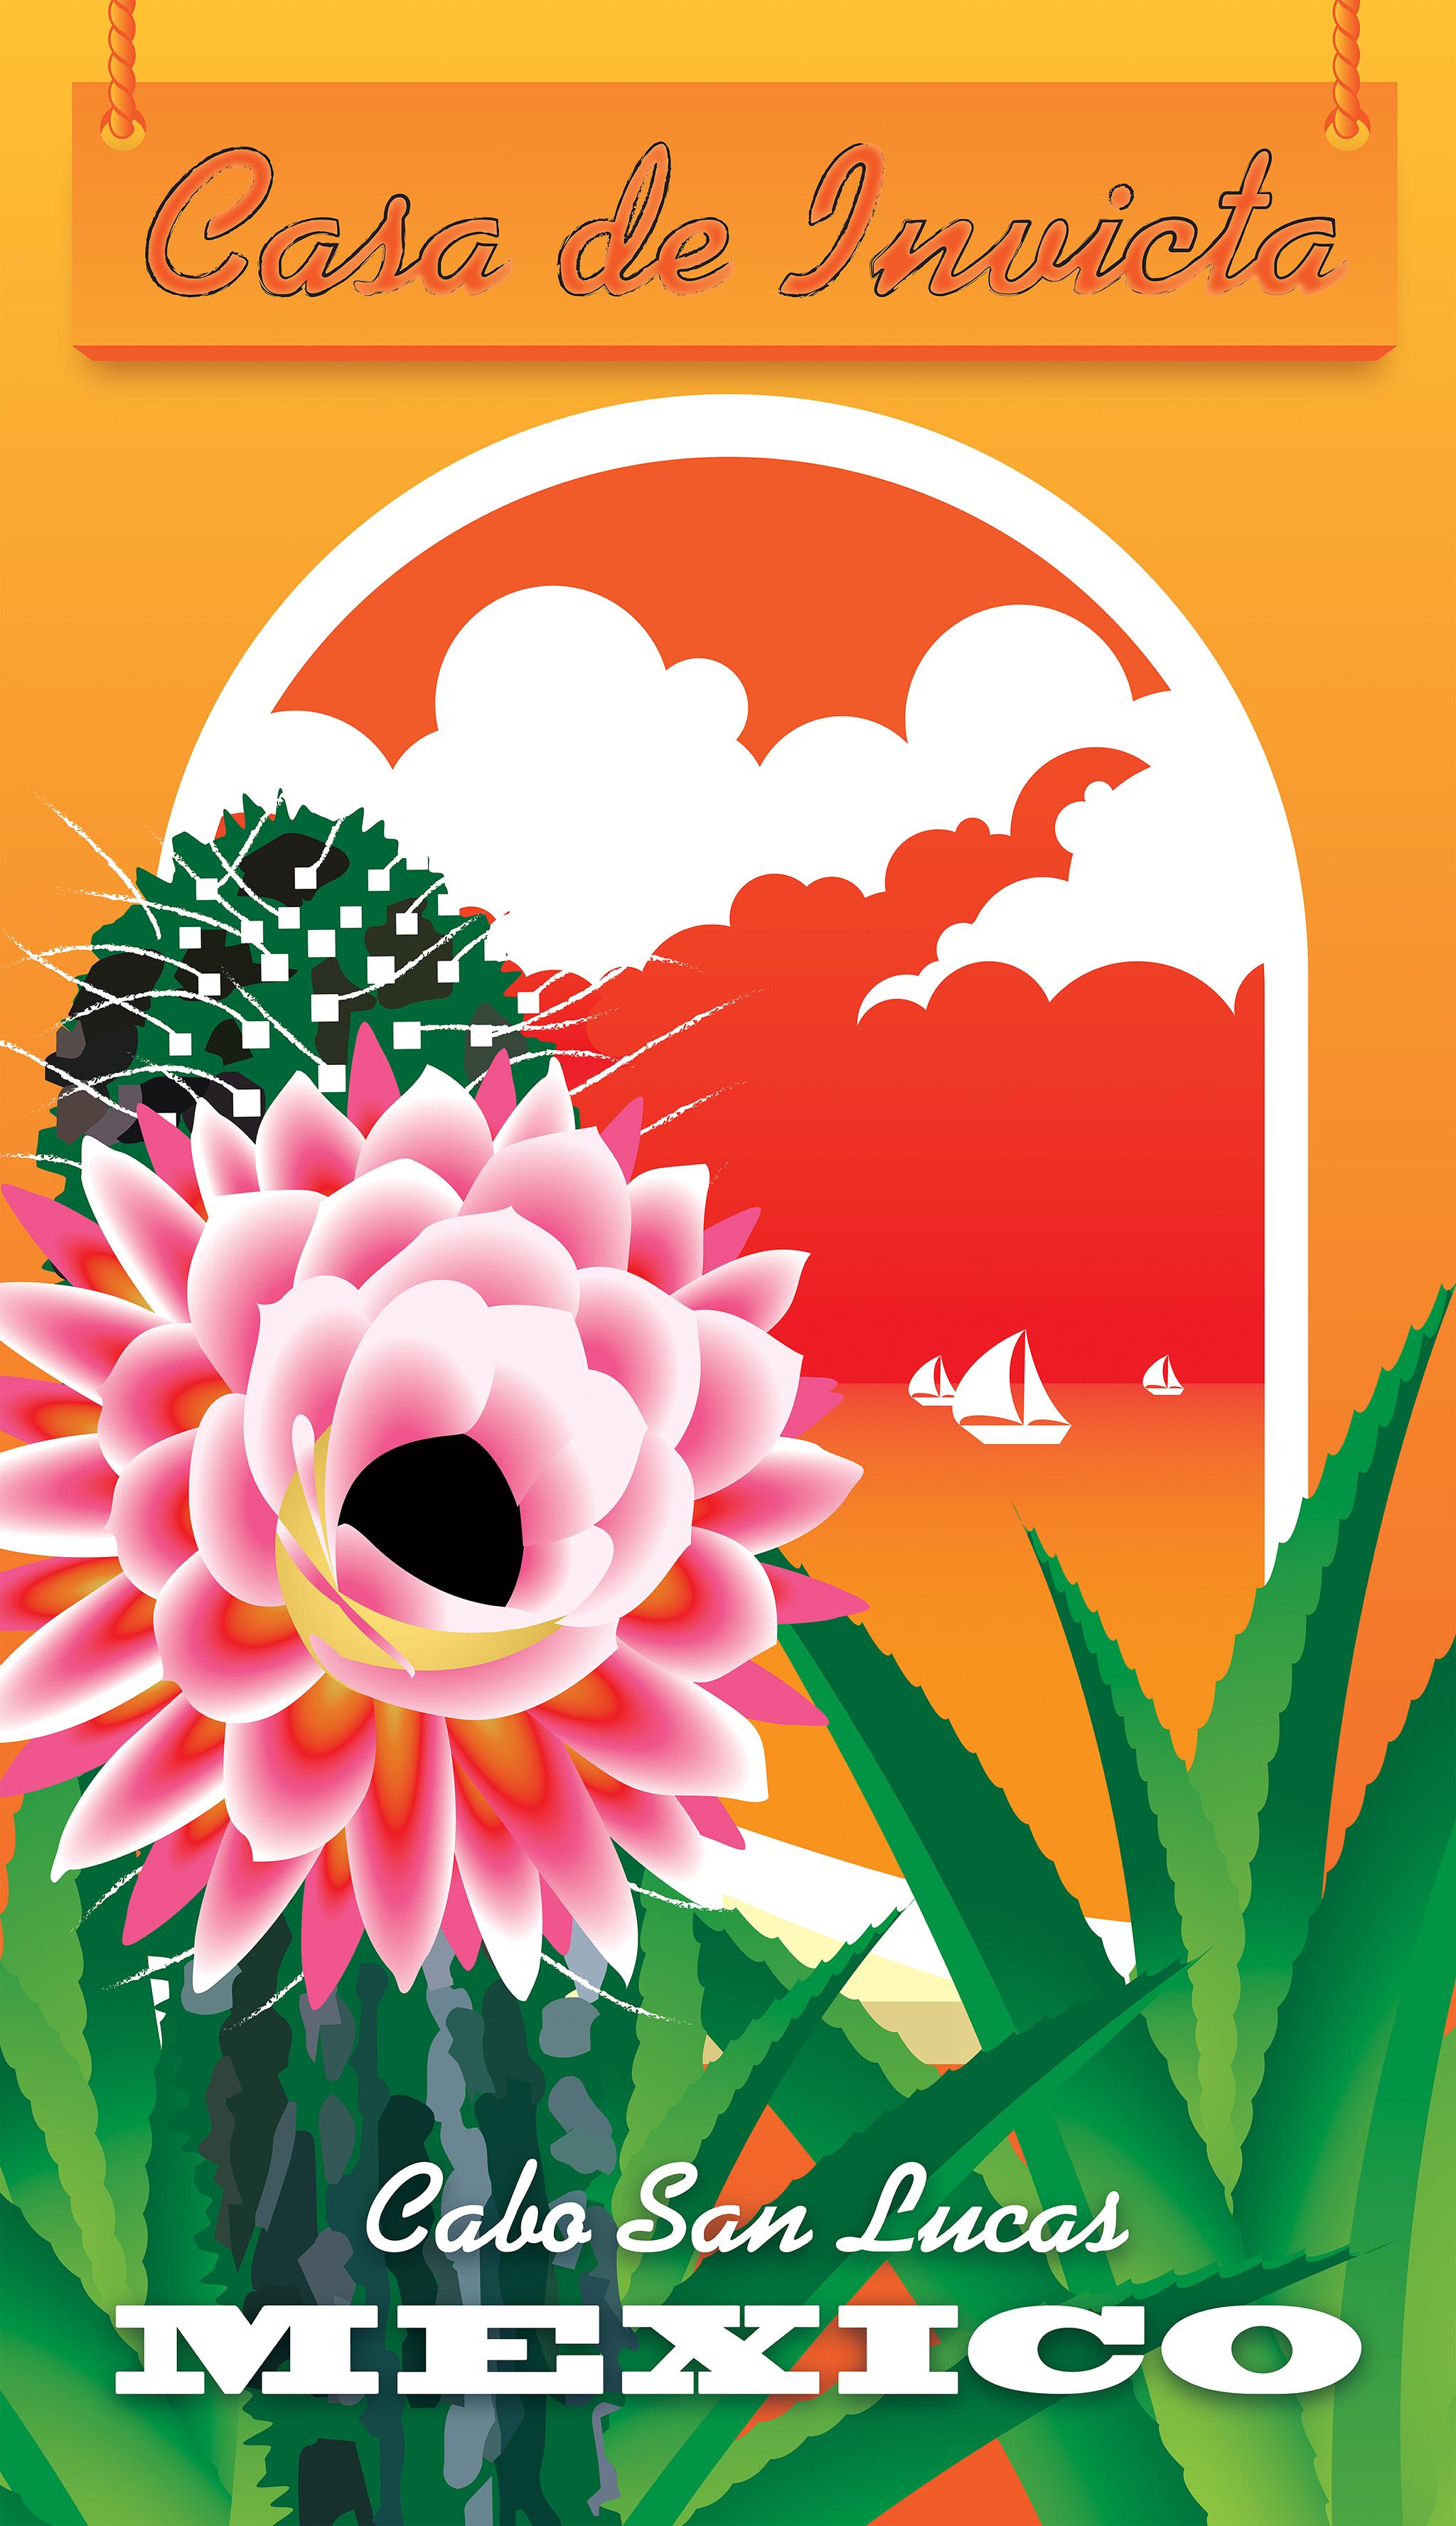 IN_WJ_Poster_Cabo_02.jpg